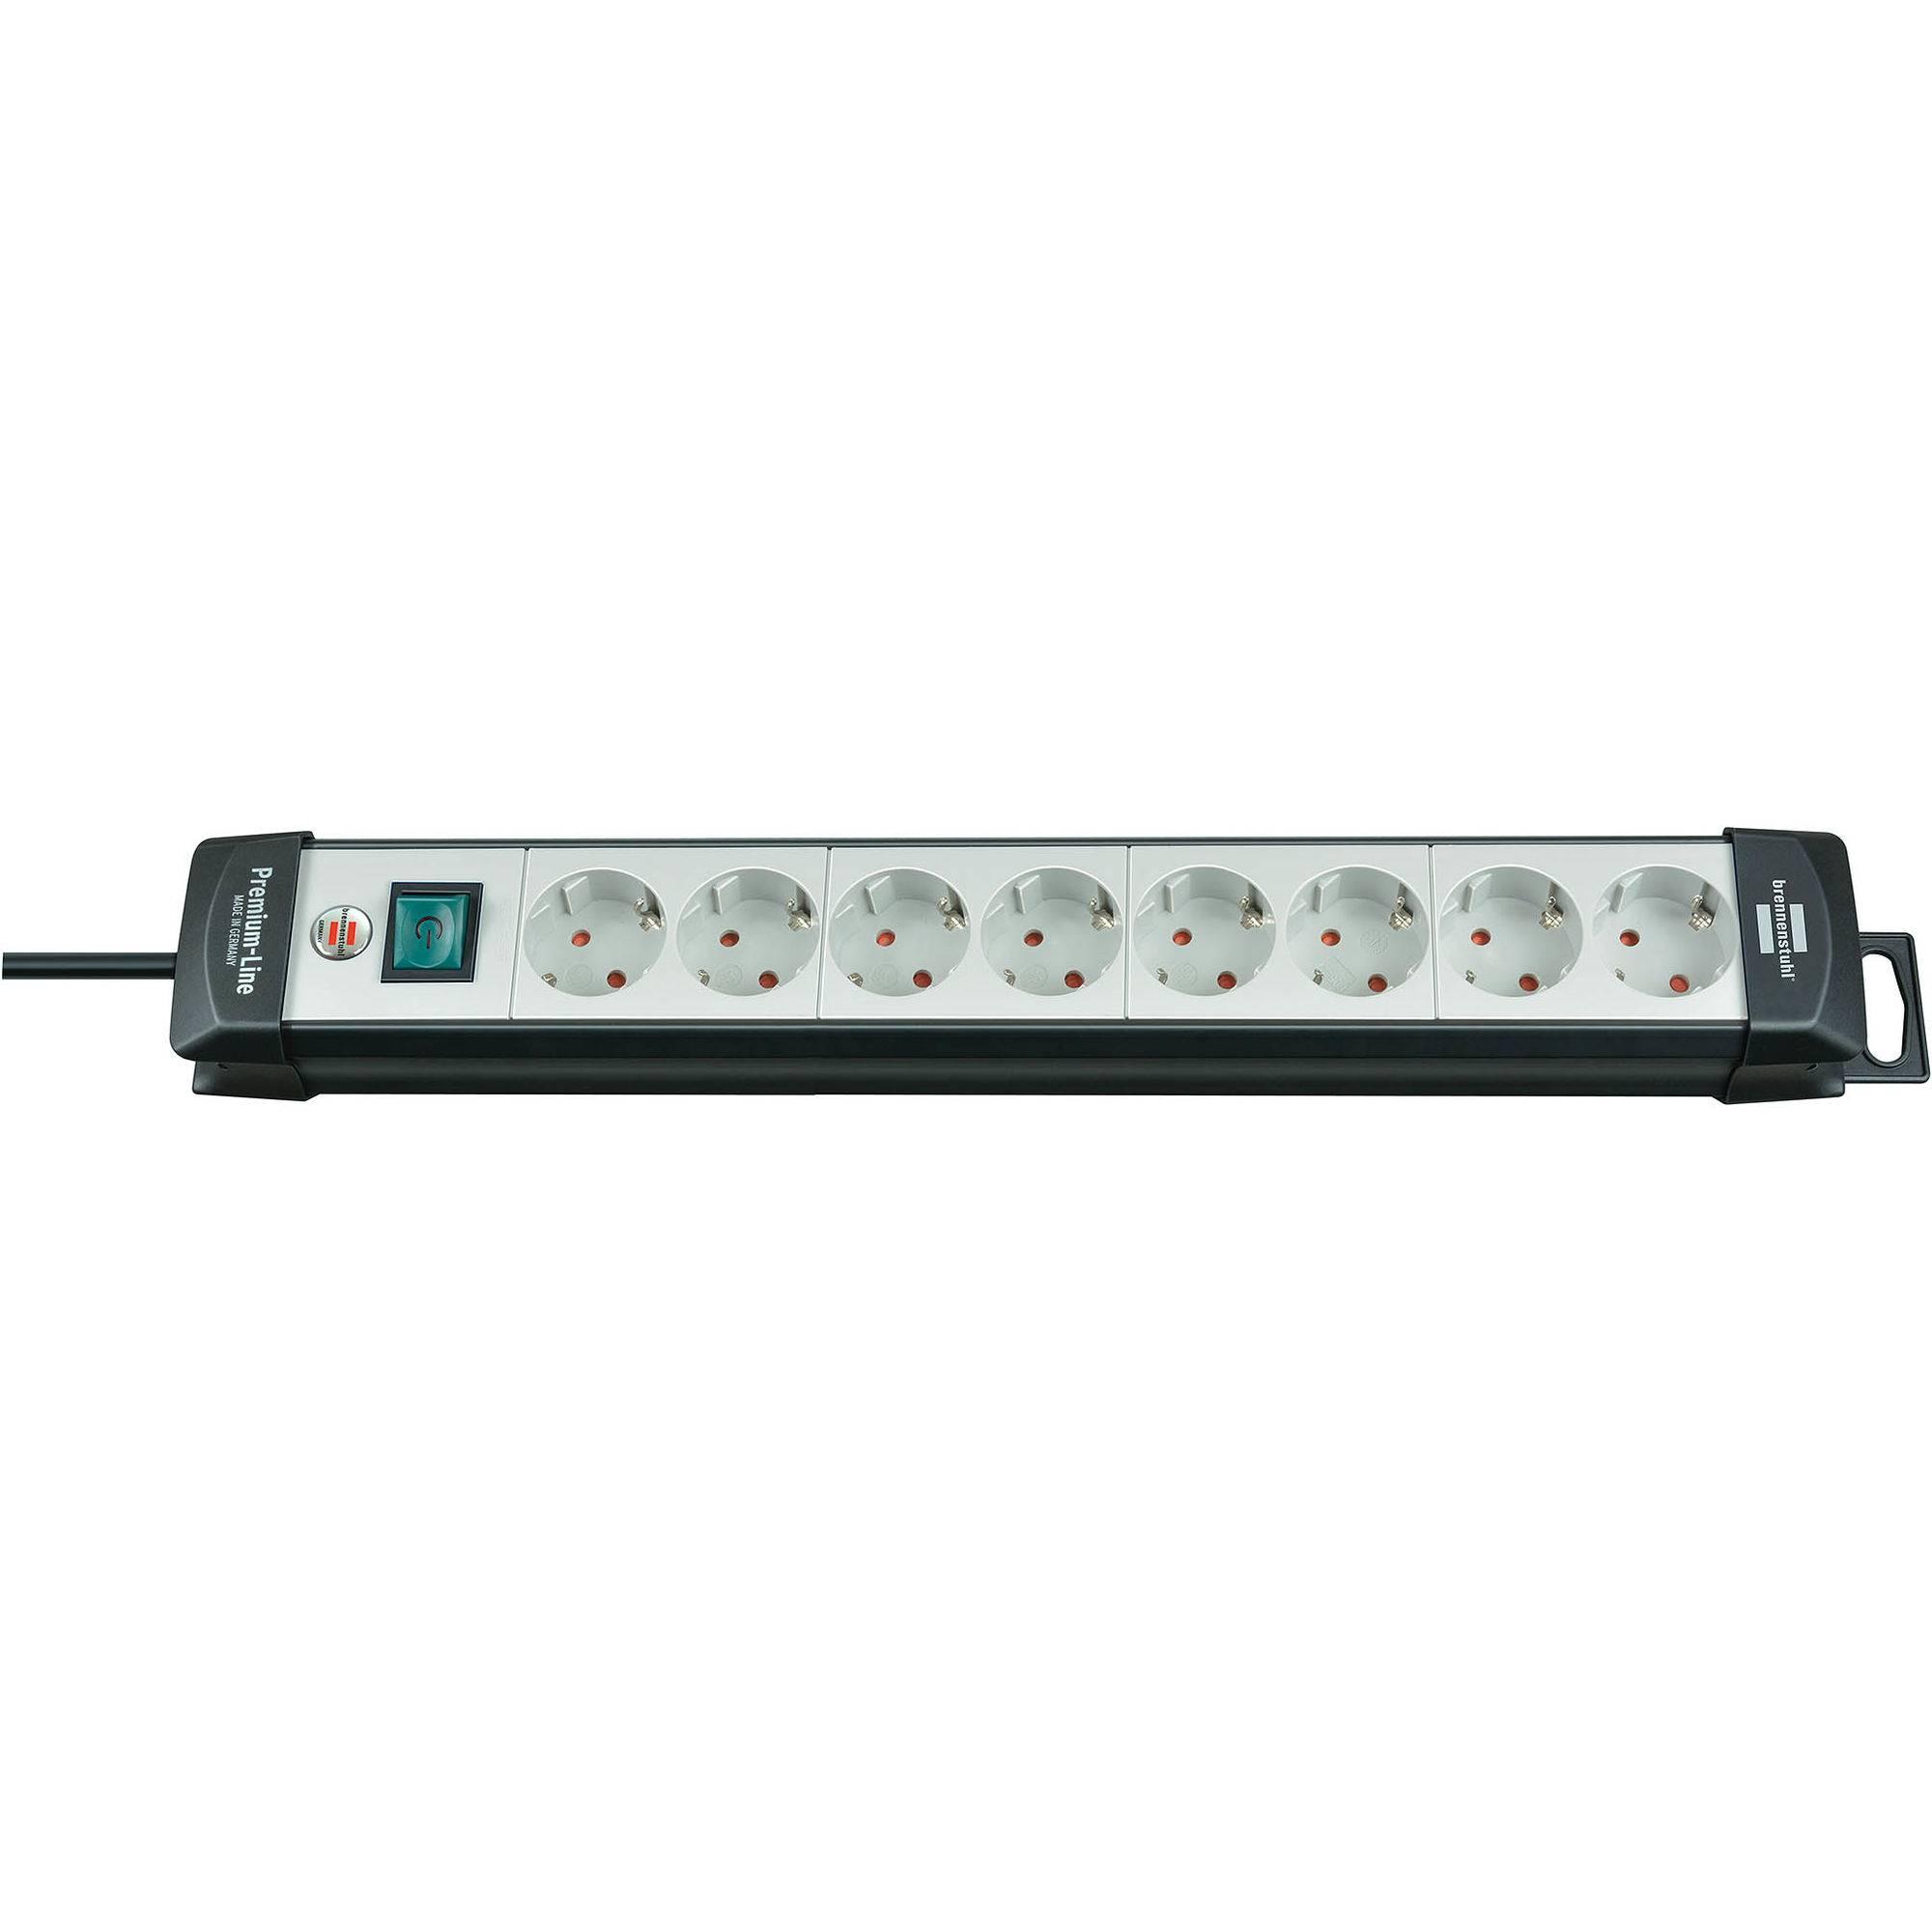 3m s 8-fach mit Schalter 4x Schutzkontakt 4x Euro InLine® Steckdosenleiste